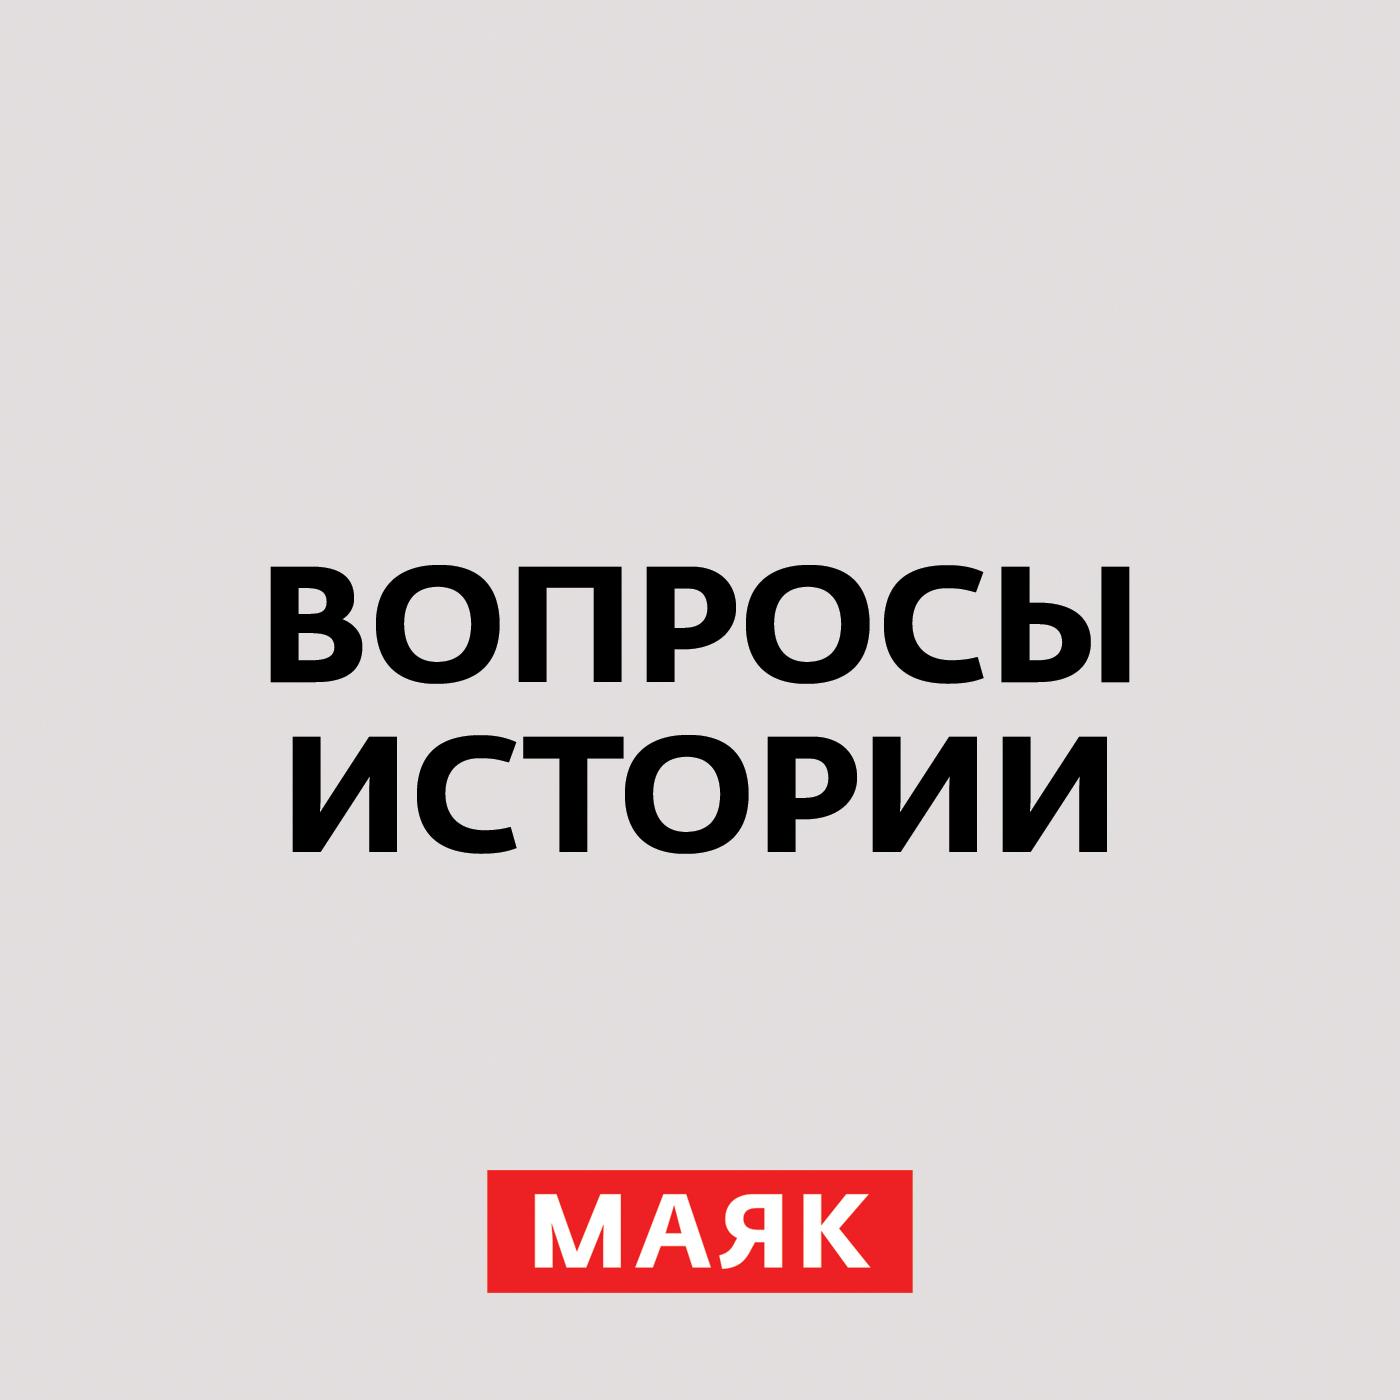 Андрей Светенко Между СССР и Россией никогда не было знака равенства андрей углицких соловьиный день повесть isbn 9785448399909